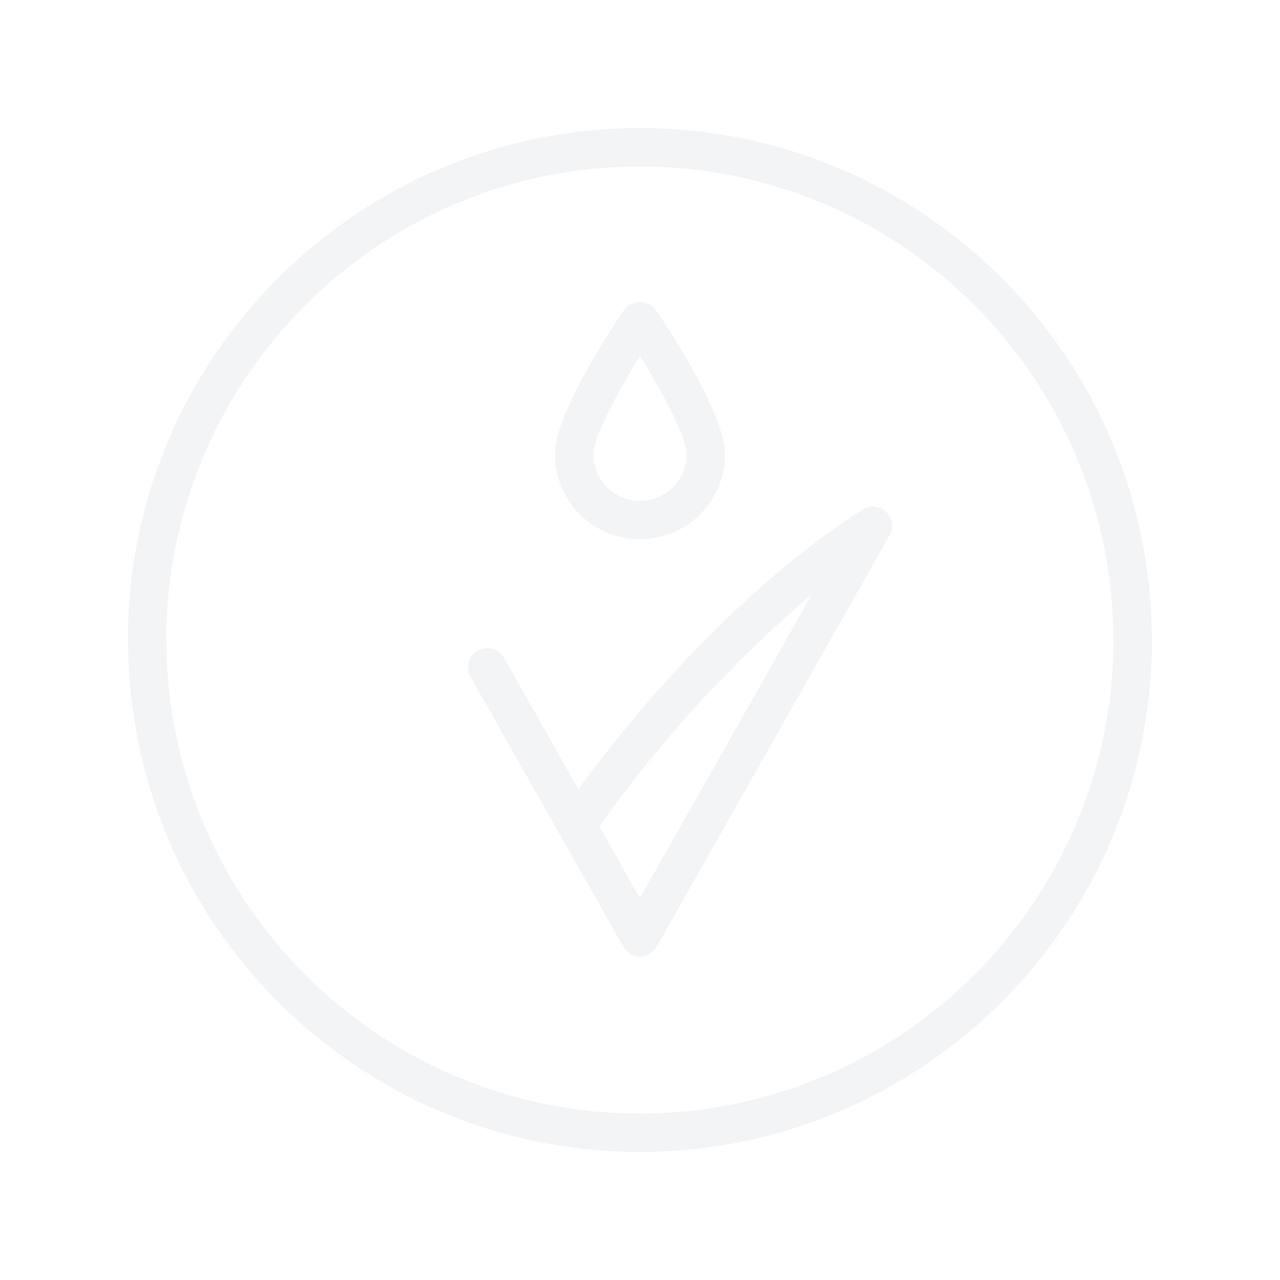 CALVIN KLEIN CK One Gold Eau De Toilette